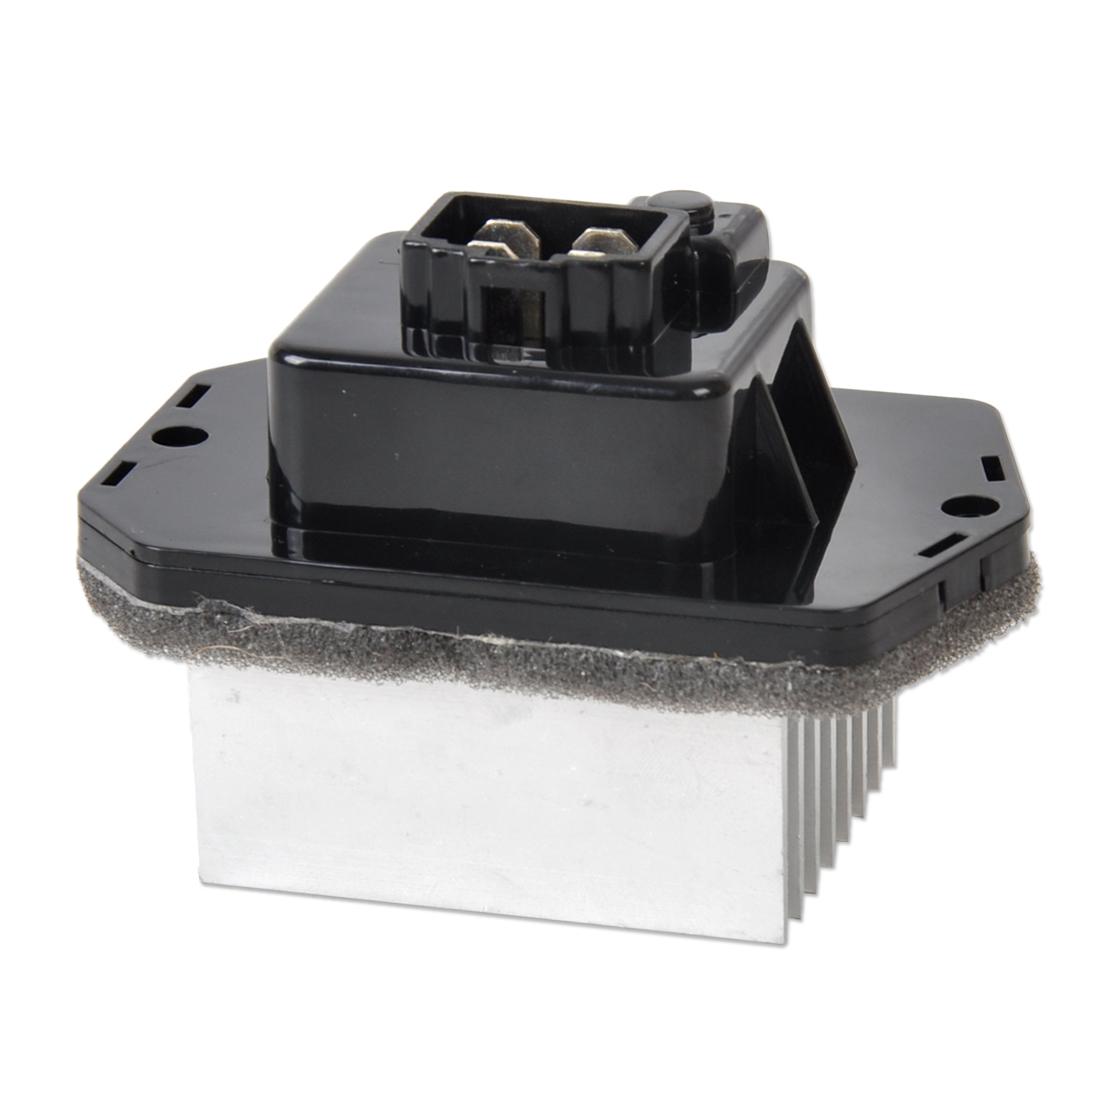 79330 sdg w41 front heater blower motor resistor for honda for Heater blower motor not working